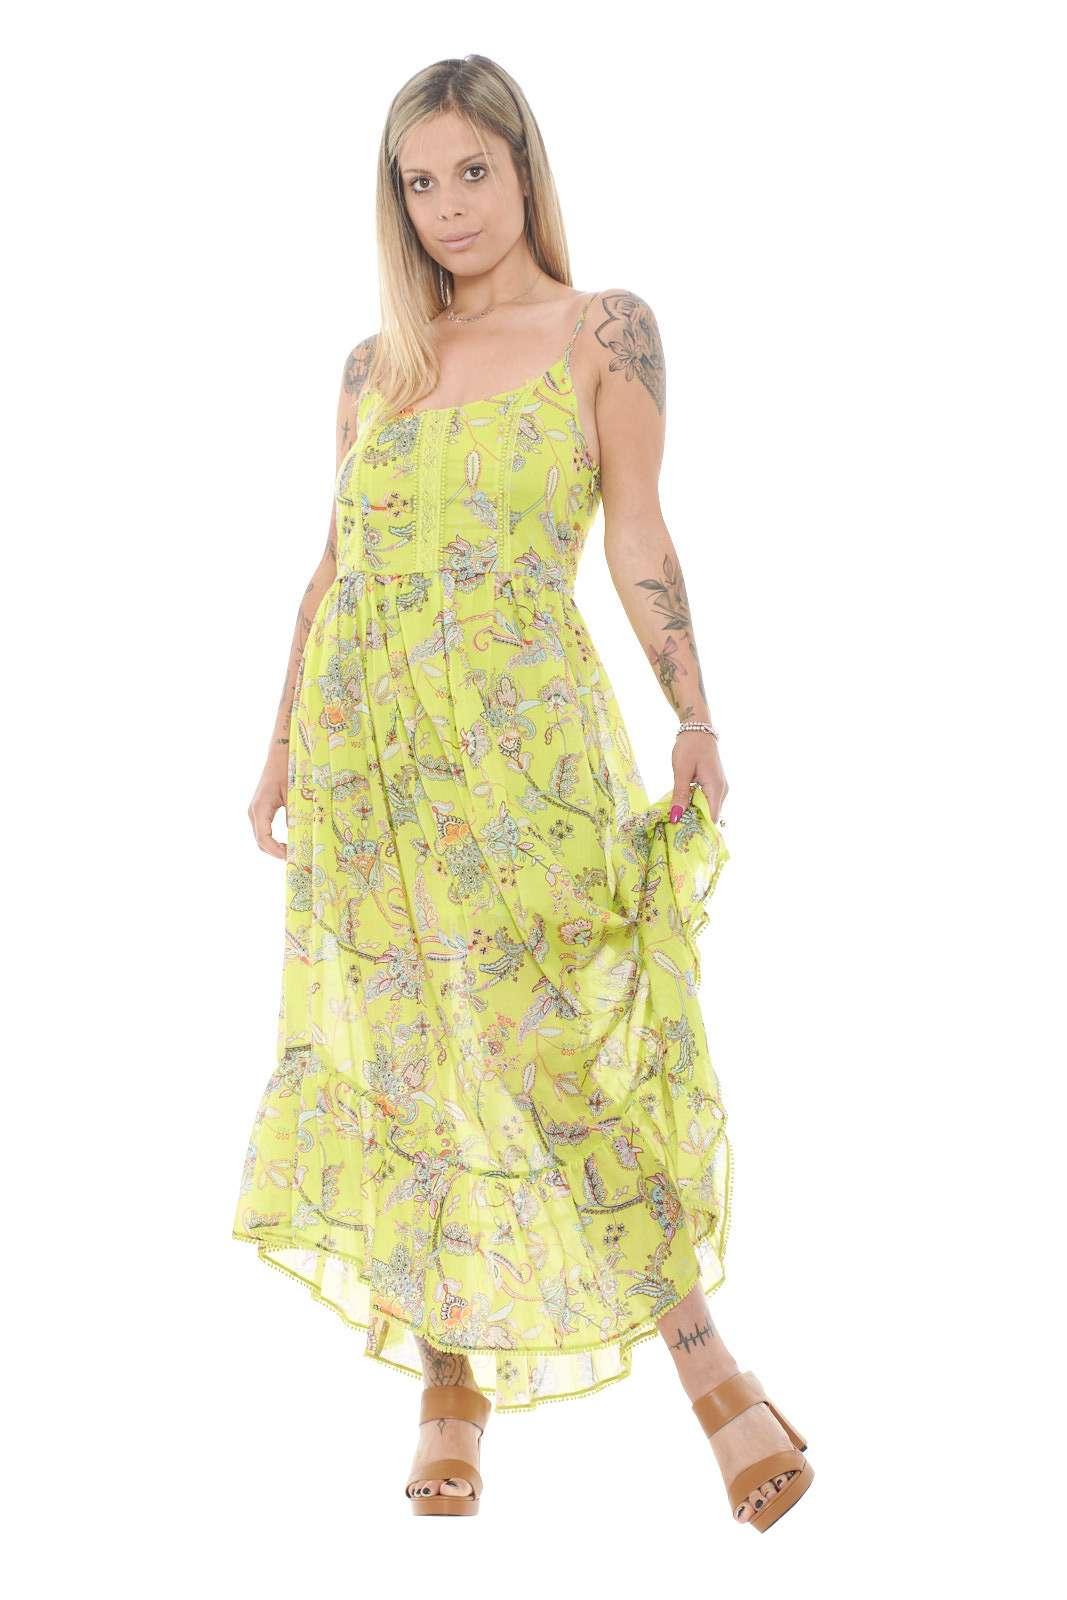 Un'abito dall'eleganza assoluta quello firmato Twinset. Caratterizzato dalla fantasia floreale e dalla trasparenza sul fondo che lo rende molto femminile. Abbinato ad un tacco alto renderà il tuo outfit perfetto.